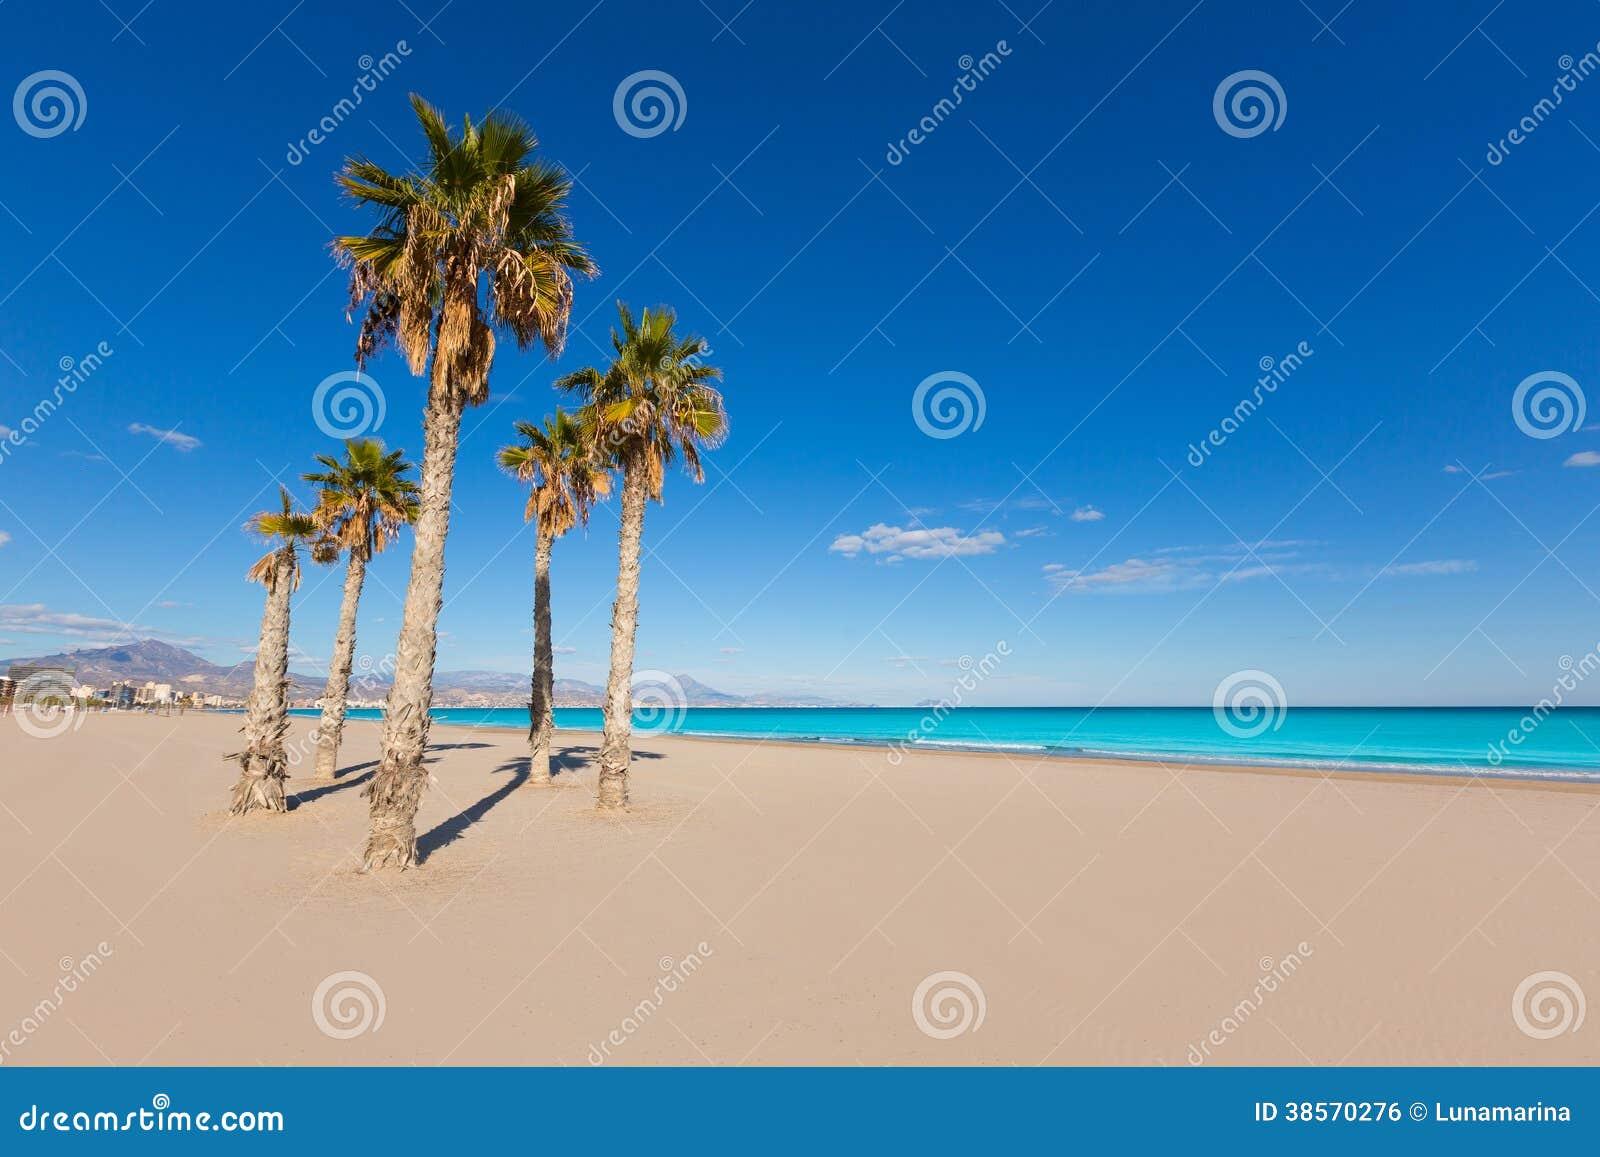 Praia de Alicante San Juan com árvores de palmas